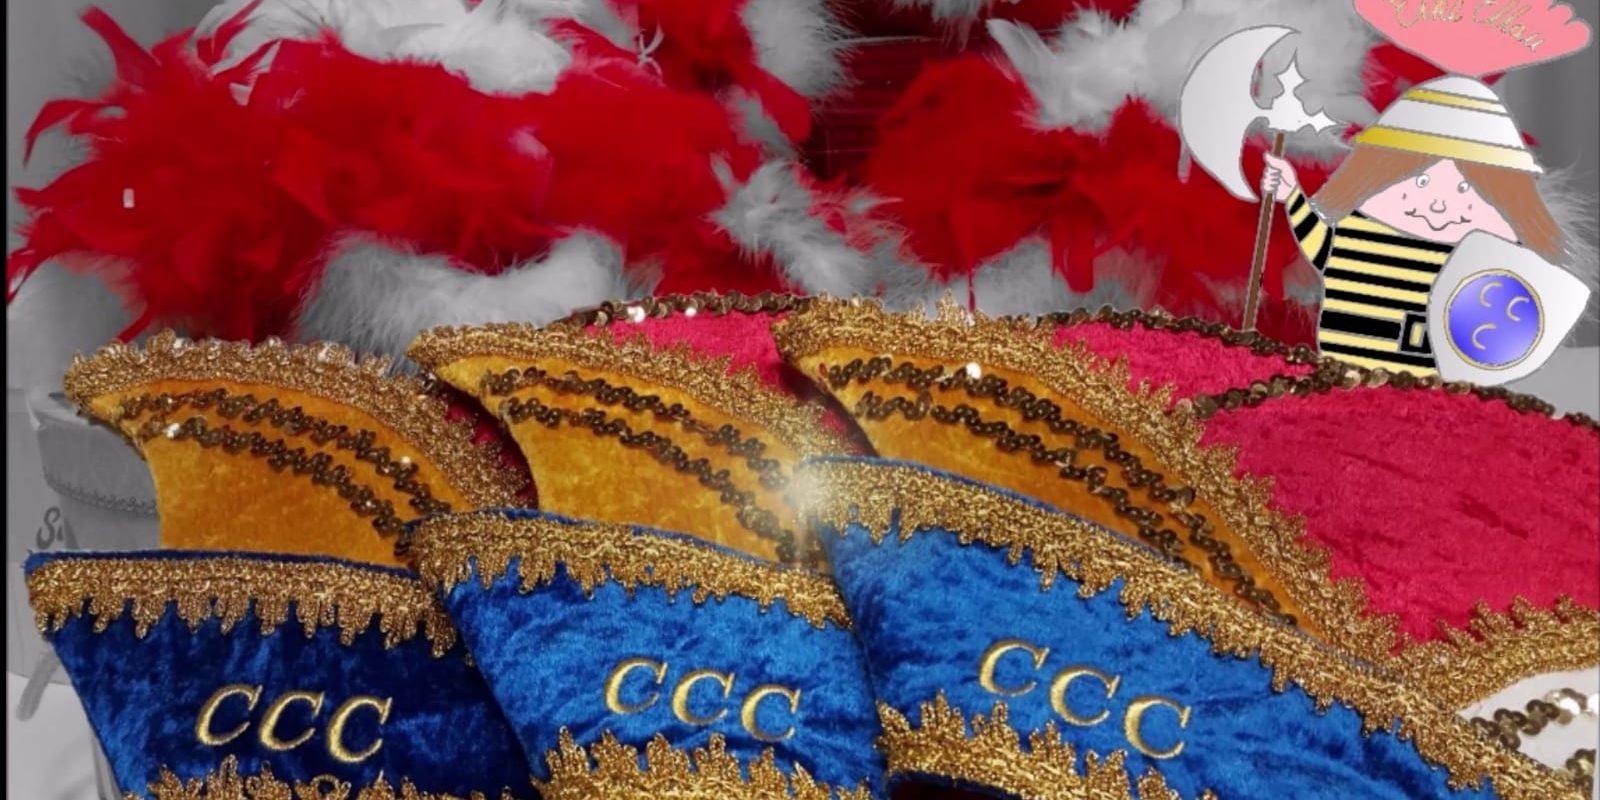 Connewitzer Carneval Club e.V.